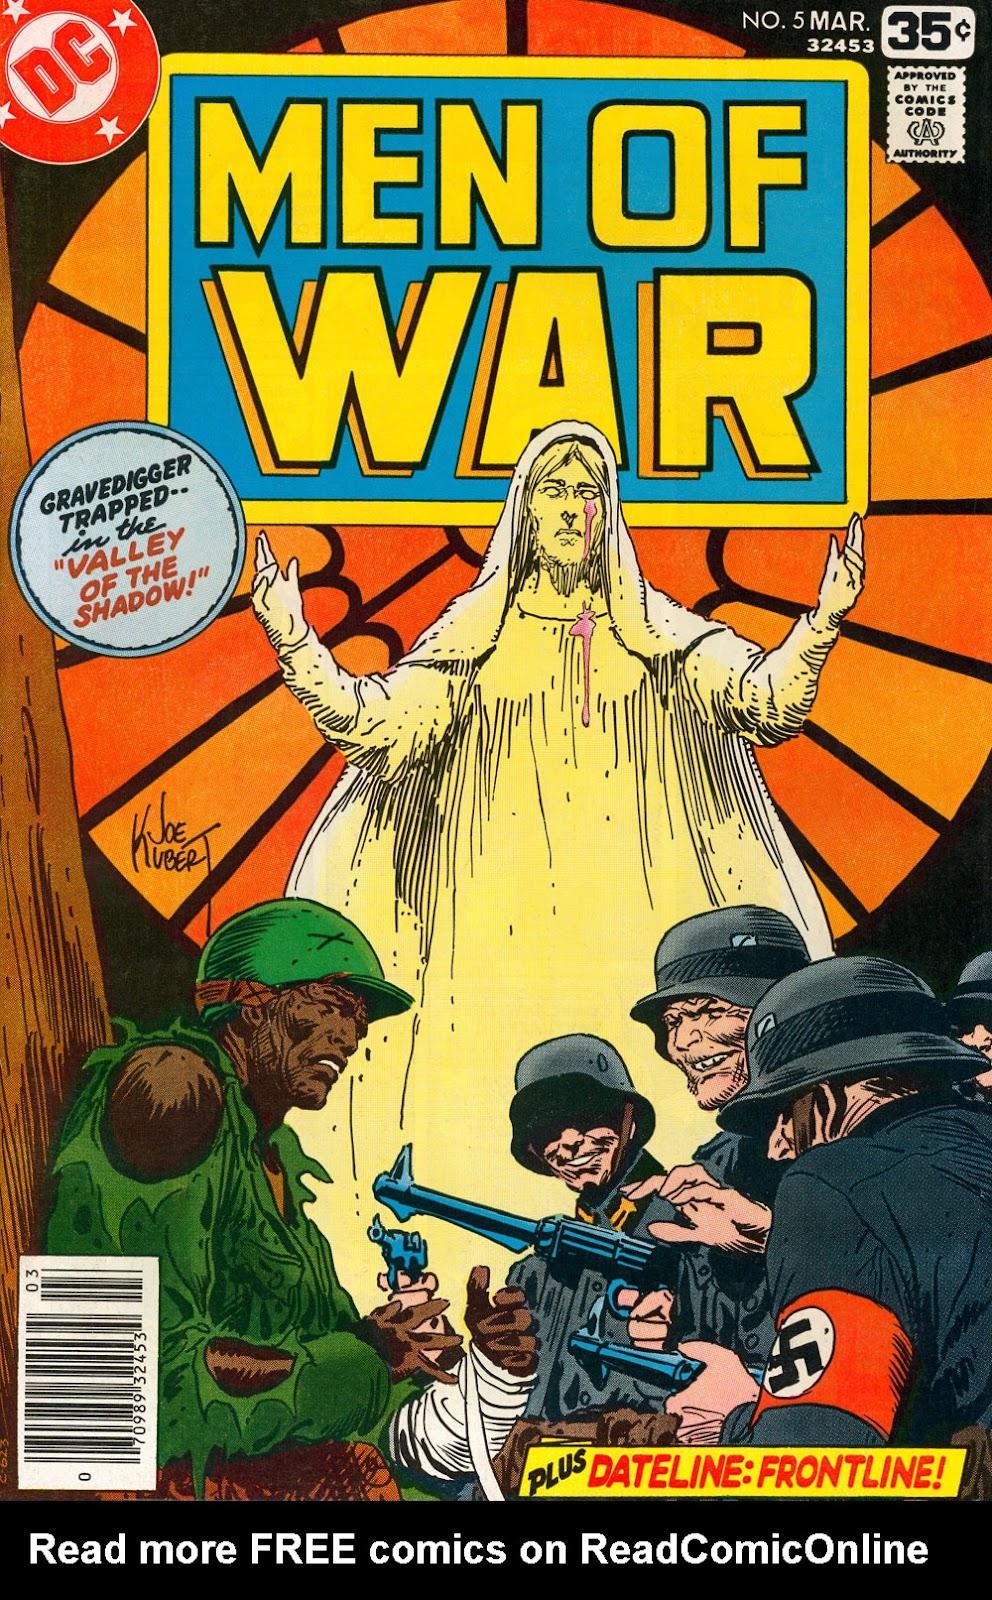 Men of War 5 Page 1